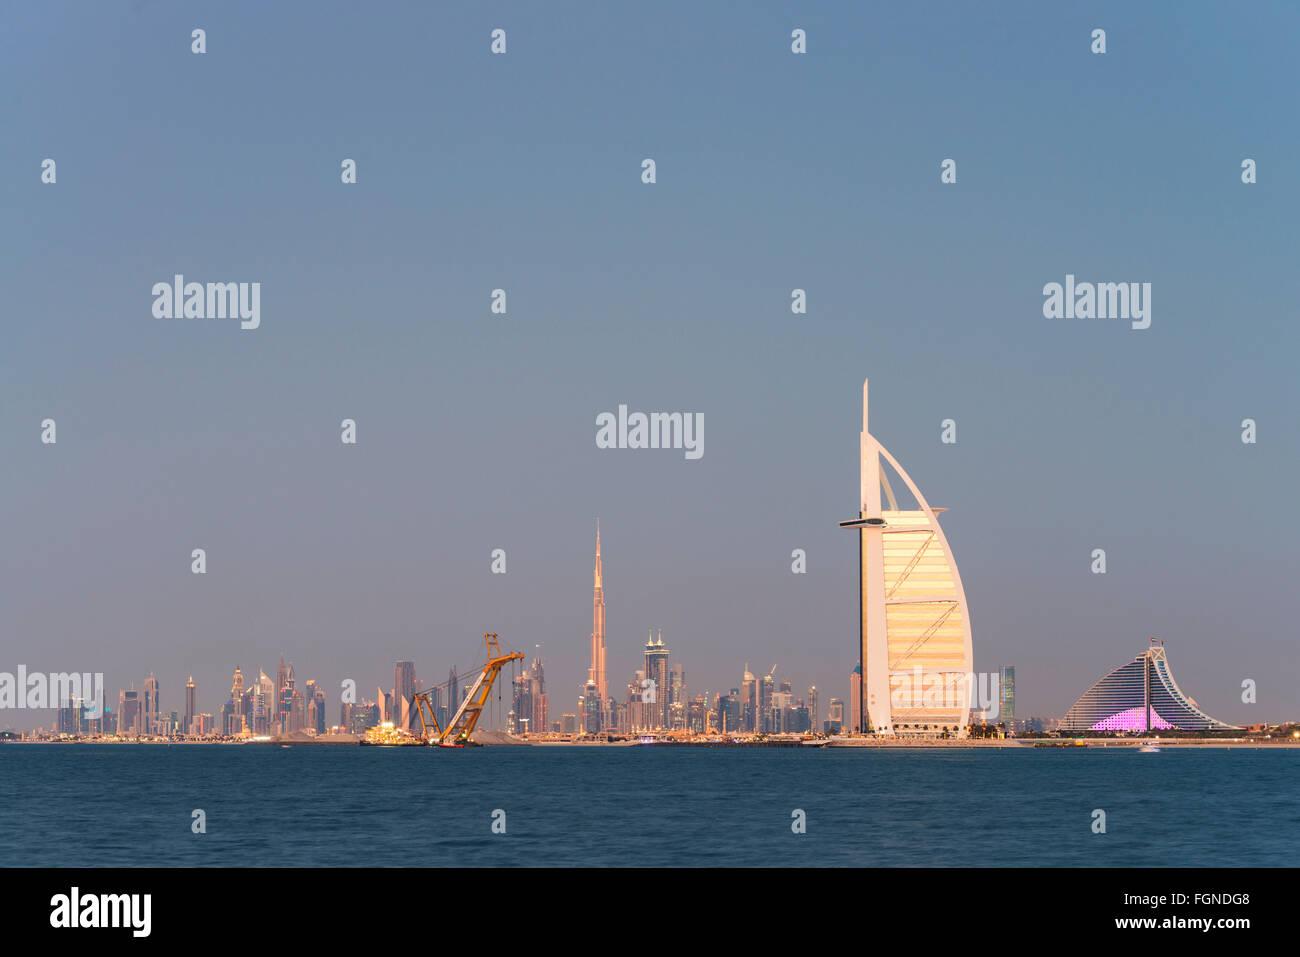 Skyline di Dubai waterfront con il Burj al Arab Hotel in Emirati Arabi Uniti Immagini Stock